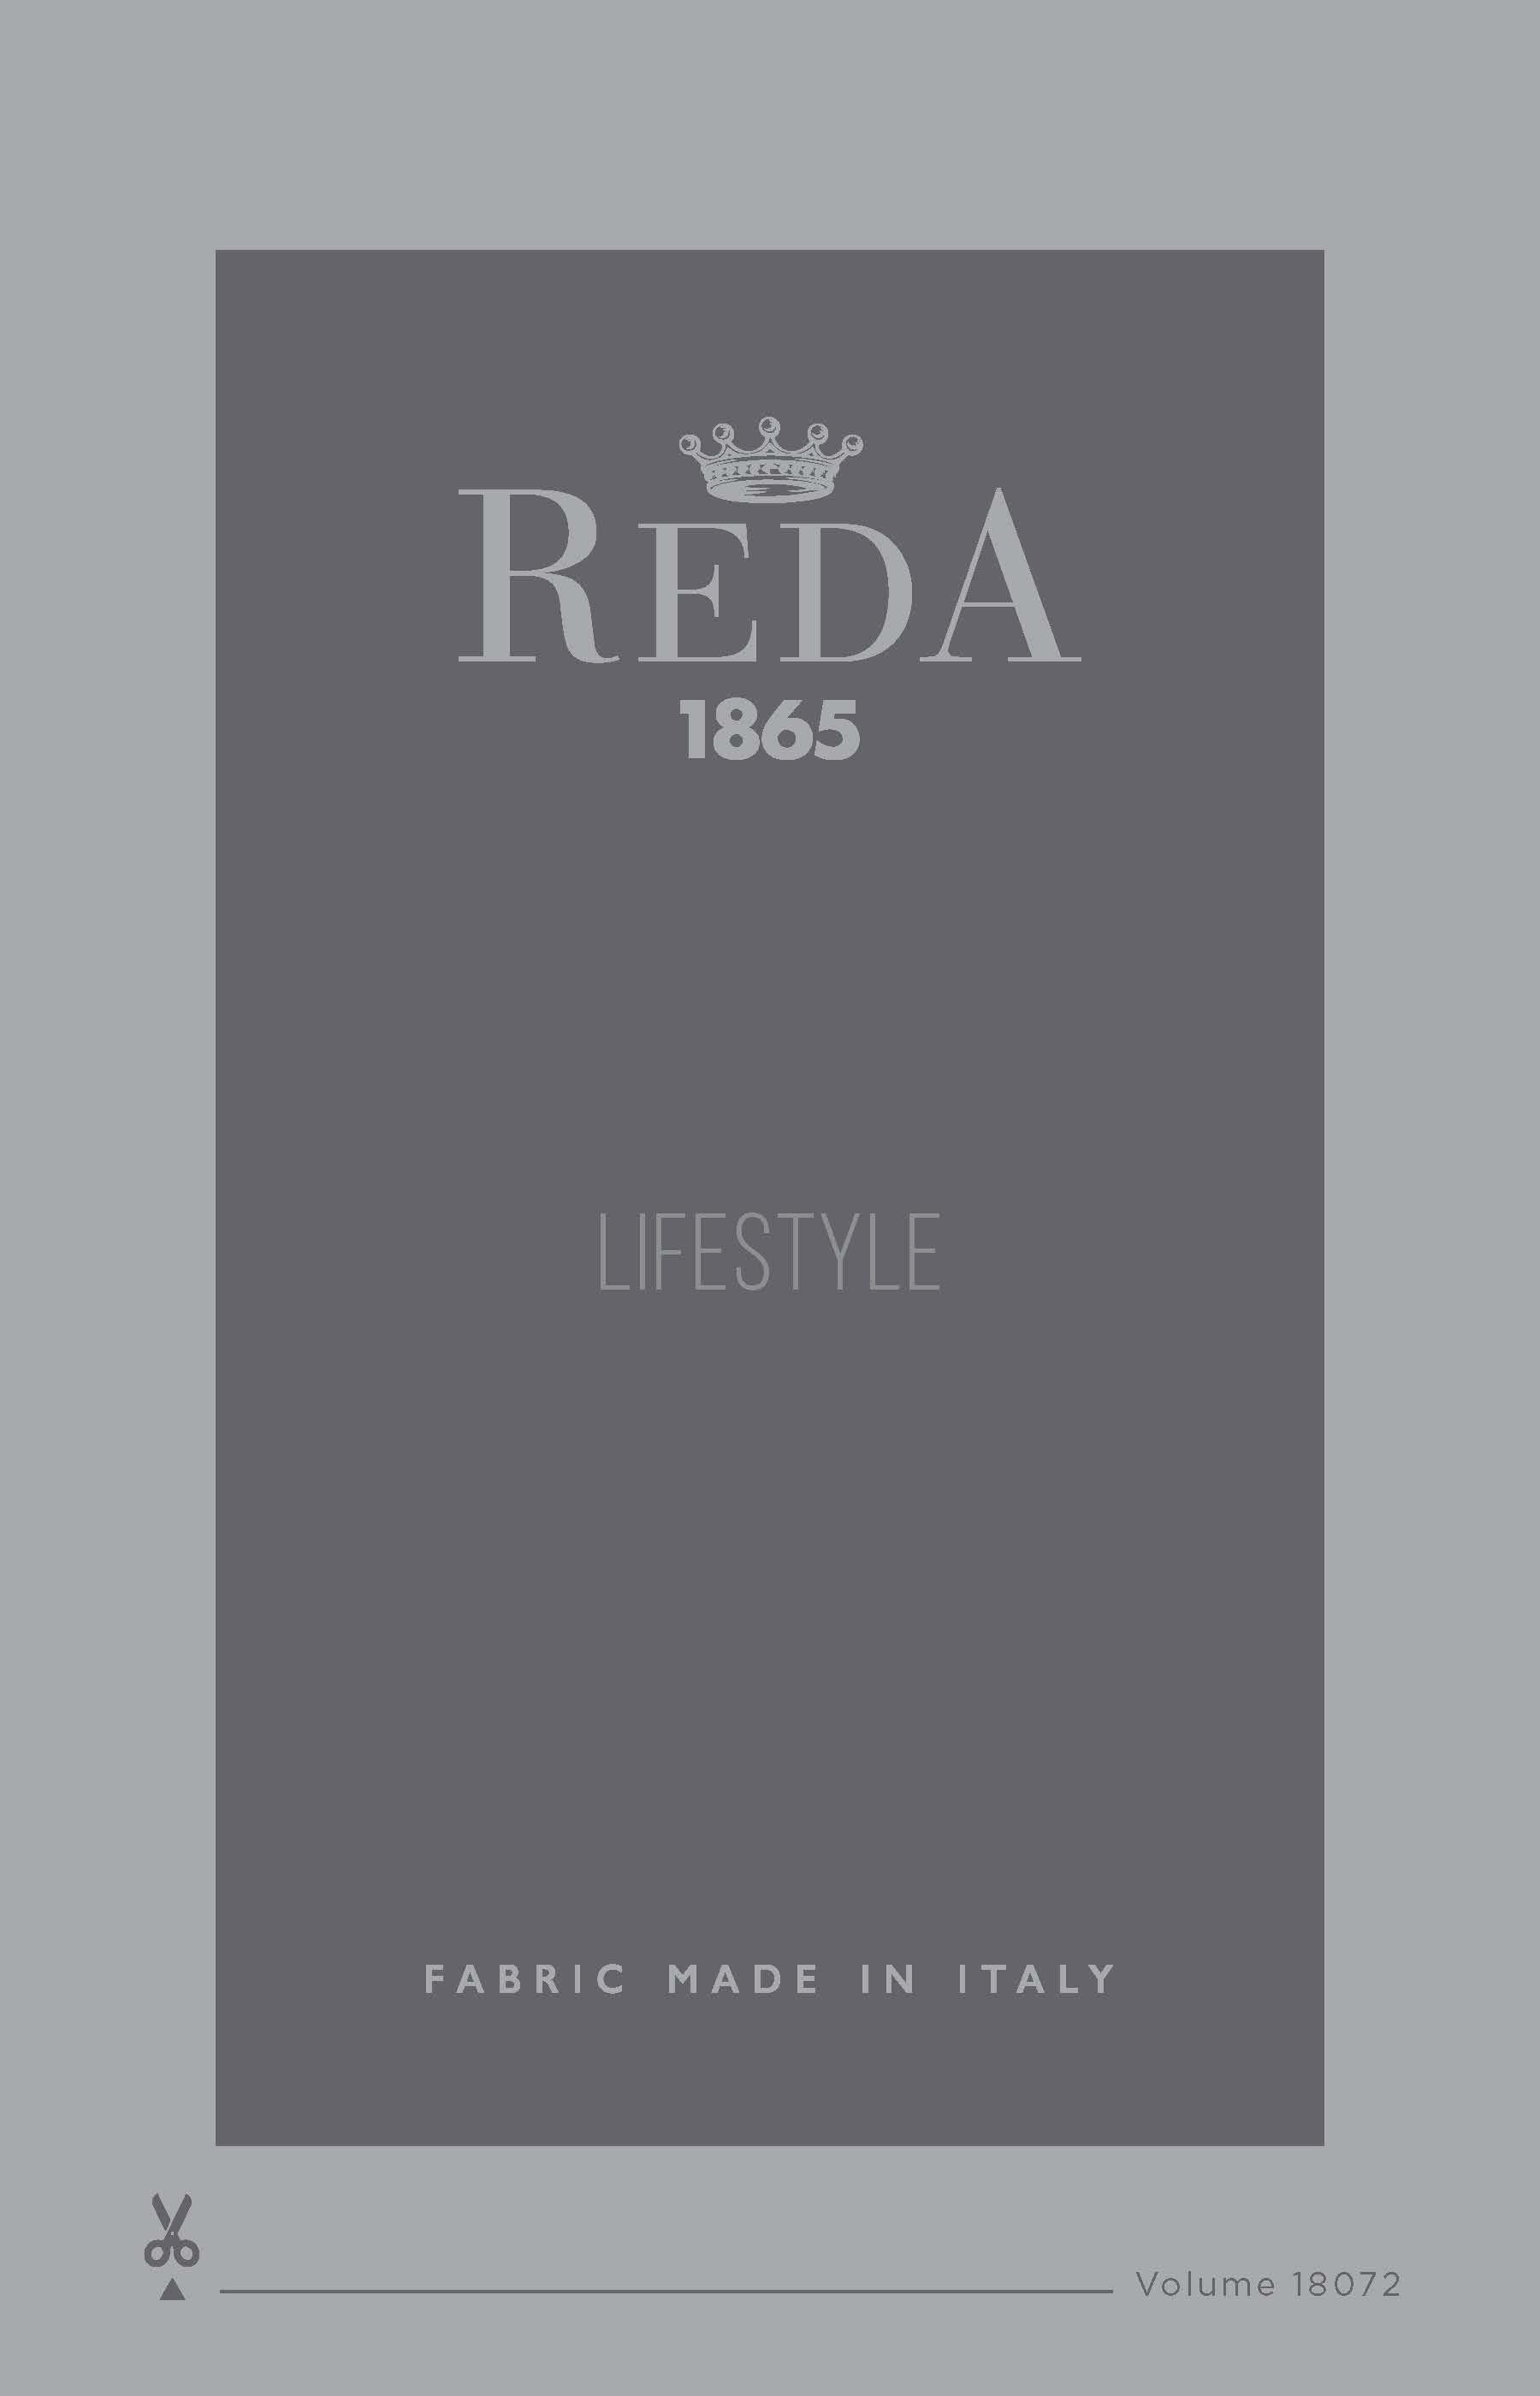 Reda_Lifestyle_V18072_DIGITAL.jpg